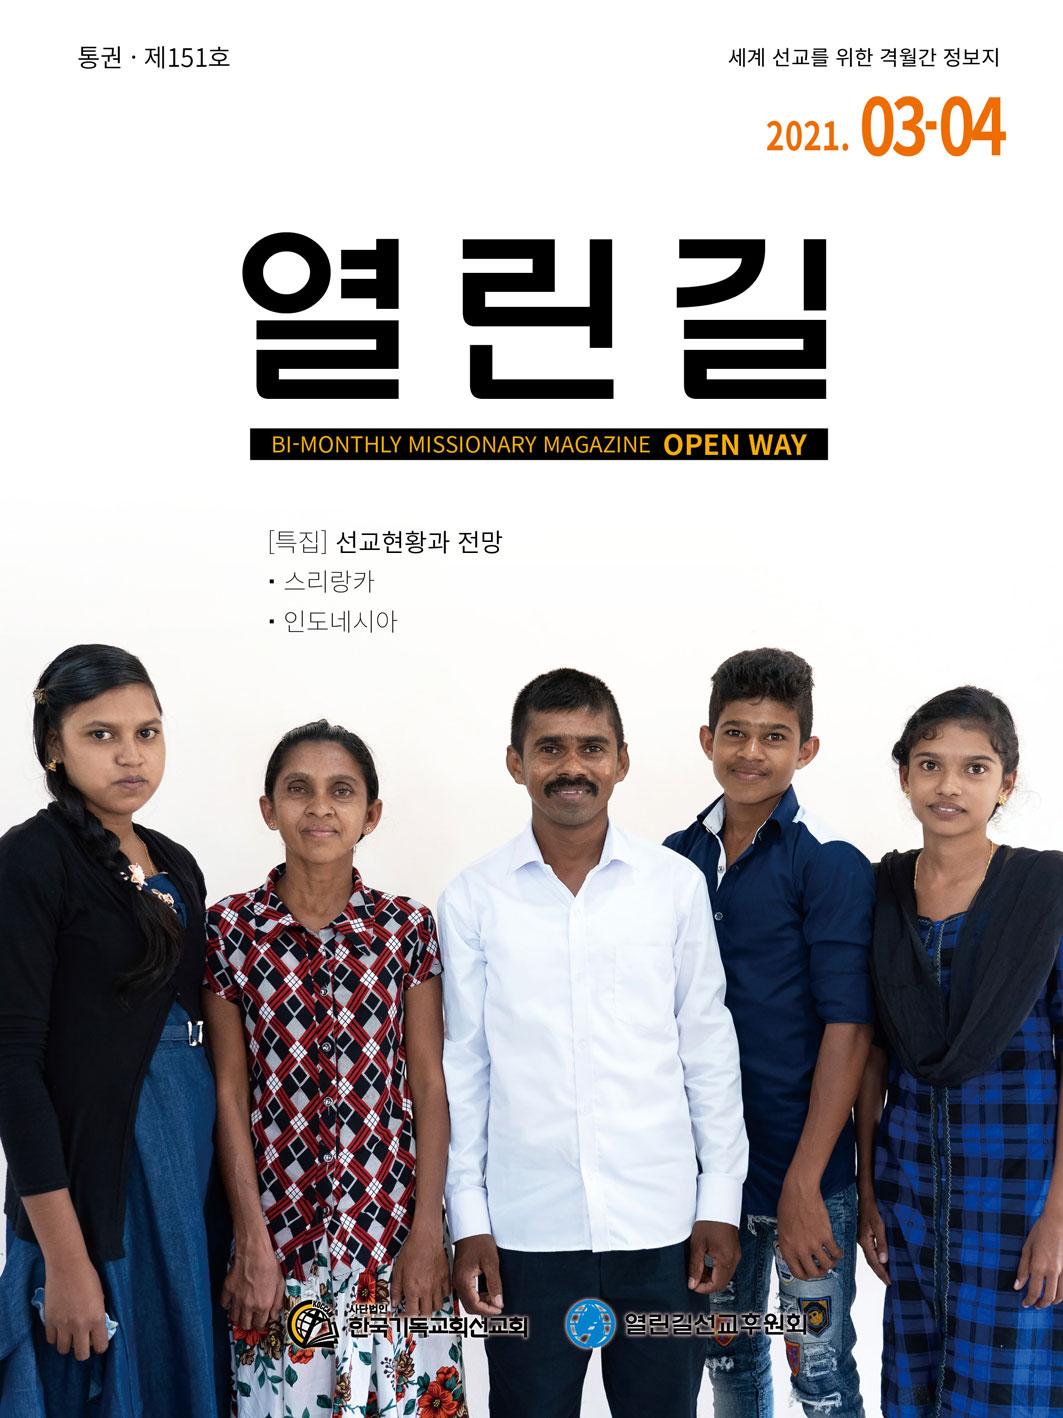 열린길 2021년 03-04월호